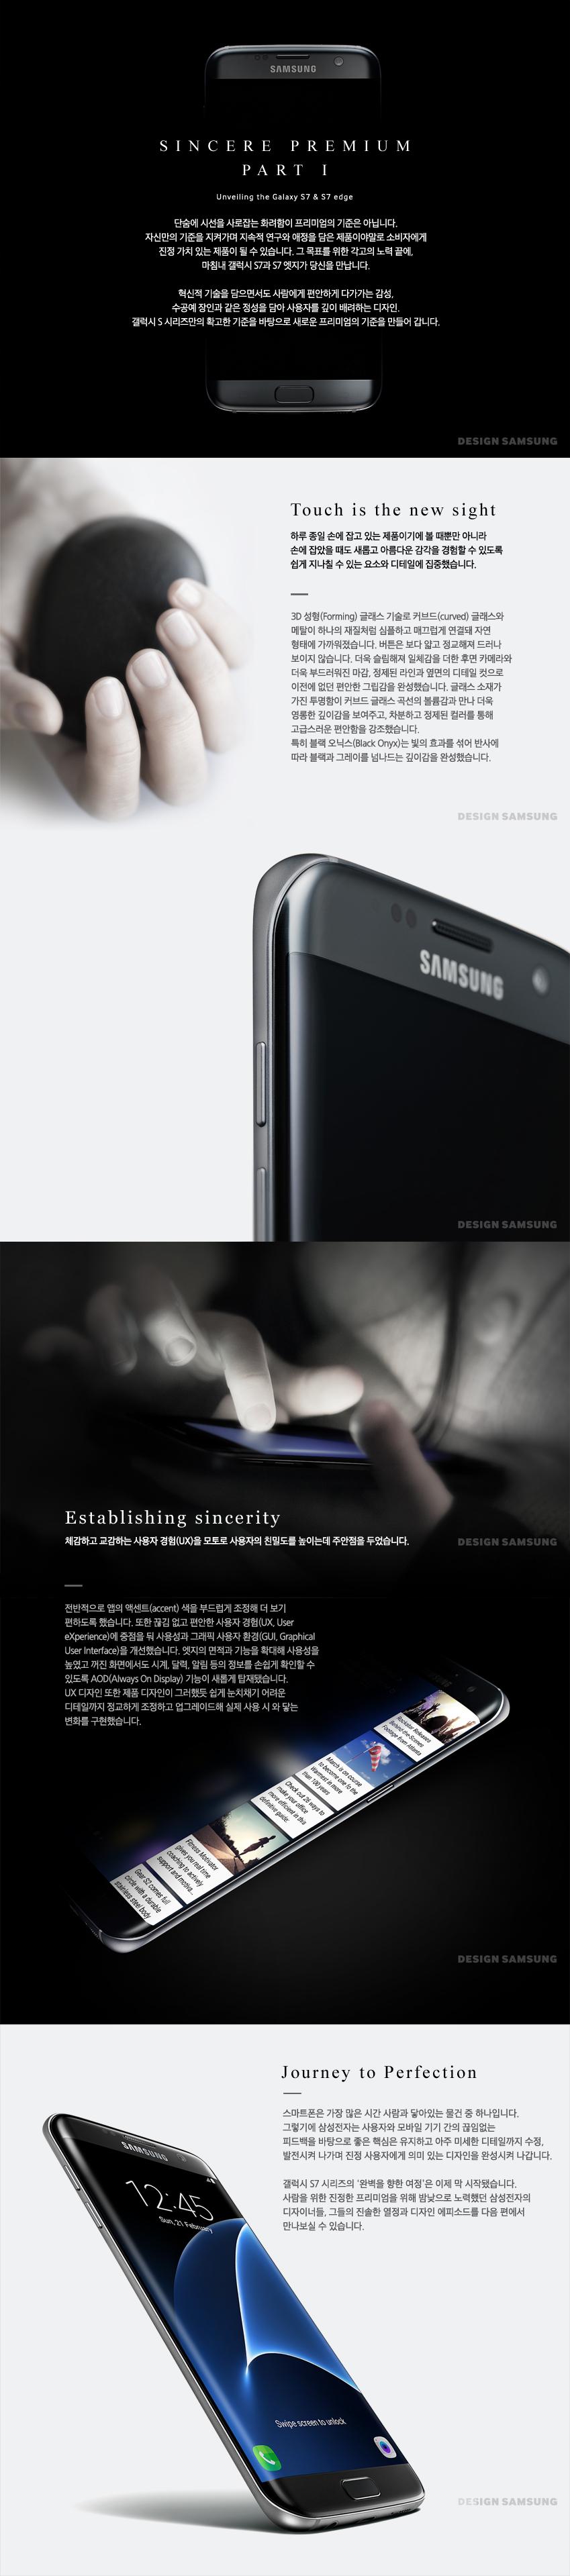 SINCERE PREMIUM PART 1. Unveiling the Galaxy S7, S7edge. 단숨에 시선을 사로잡은 화려함이 프리미엄의 기준은 아닙니다. 자신만의 기준을 지켜가며 지속적 연구와 애정을 담은 제품이야말로 소비자에게 진정 가치 있는 제품이 될 수 있습니다. 그 목표를 위한 각고의 노력 끝에, 마침내 갤럭시 S7과 S7 엣지가 당신을 만납니다. 혁신적 기술을 담으면서도 사람에게 편안하게 다가가는 감성, 수공예 장인과 같은 정성을 담아 사용자를 깊이 배려하는 디자인. 갤럭시 S시리즈만의 확고한 기준을 바탕으로 새로운 프리미엄의 기준을 만들어 갑니다. Touch is the new sight. 하루 종일 손에 잡고 있는 제품이기에 볼 때 뿐만 ㅇ니라 손에 잡았을 때도 새롭고 아름다운 감각을 경험할 수 있도록 쉽게 지나칠수 있는 요소와 디테일에 집중했습니다. 3D 성형 글래스 기술로 커브드 글래스와 메탈이 하나의 재질처럼 심플하고 매끄럽게 연결돼 자연 형태에 가까워졌습니다. 버튼은 보다 얇고 정교해져 드러나 보이지 않습니다. 더욱 슬림해져 일체감을 더한 후면 카메라와 더욱 부드러워진 마감, 정제된 라인과 옆면의 디테일 컷으로 이전에 없던 편안한 그립감을 완성했습니다. 글래스 소재가 가진 투명함이 커브드 글래스 곡선의 볼륨감과 만나 더욱 영롱한 깊이감을 보여주고, 차분하고 정제된 컬러를 통해 고급스러운 편안함을 강조했습니다. 특히 블랙 오닉스는 빛의 효과를 섞어 반사에 따라 블랙과 그레이를 넘나드는 깊이감을 완성했습니다.  Establishing sincerity. 체감하고 교감하는 사용자 경험을 모토로 사용자의 친밀도를 높이는데 주안점을 두었습니다. 전반적으로 앱의 액센트 색을 부드럽게 조정해 더 보기 편하도록 했습니다. 또한 끊김 없고 편안한 사용자 경험에 중점을 둬 사용성과 그래픽 사용자 환경을 개선했습니다. 엣지의 면적과 기능을 확대해 사용성을 높였고 꺼진 화면에서도 시계, 달력, 알림 등의 정보를 손쉽게 확인할 수 있도록 AOD 기능이 새롭게 탑재됐습니다. UX 디자인 또한 제품 디자인이 그러했듯 쉽게 눈치채기 어려운 디테일까지 정교하게 조정하고 업그레이드해 실제 사용시 와 닿는 변화를 구현했습니다. Journey to Perfection. 스마트폰은 가장 많은 시간 사람과 닿아있는 물건 중 하나입니다. 그렇기에 삼성전자는 사용자와 모바일 기기 간의 끊임없는 피드백을 바탕으로 좋은 핵심은 유지하고 아주 미세한 디테일까지 수정, 발전시켜 나가며 진정 사용자에게 의미 있는 디자인을 완성시켜 나갑니다. 갤럭시 S7 시리즈의 완벽을 향한 여정은 이제 막 시작됐습니다. 사람을 위한 진정한 프리미엄을 위해 밤낮으로 노력했던 삼성전자의 디자이너들, 그들의 진솔한 열정과 디자인 에피소드를 다음 편에서 만나보실 수 있습니다.